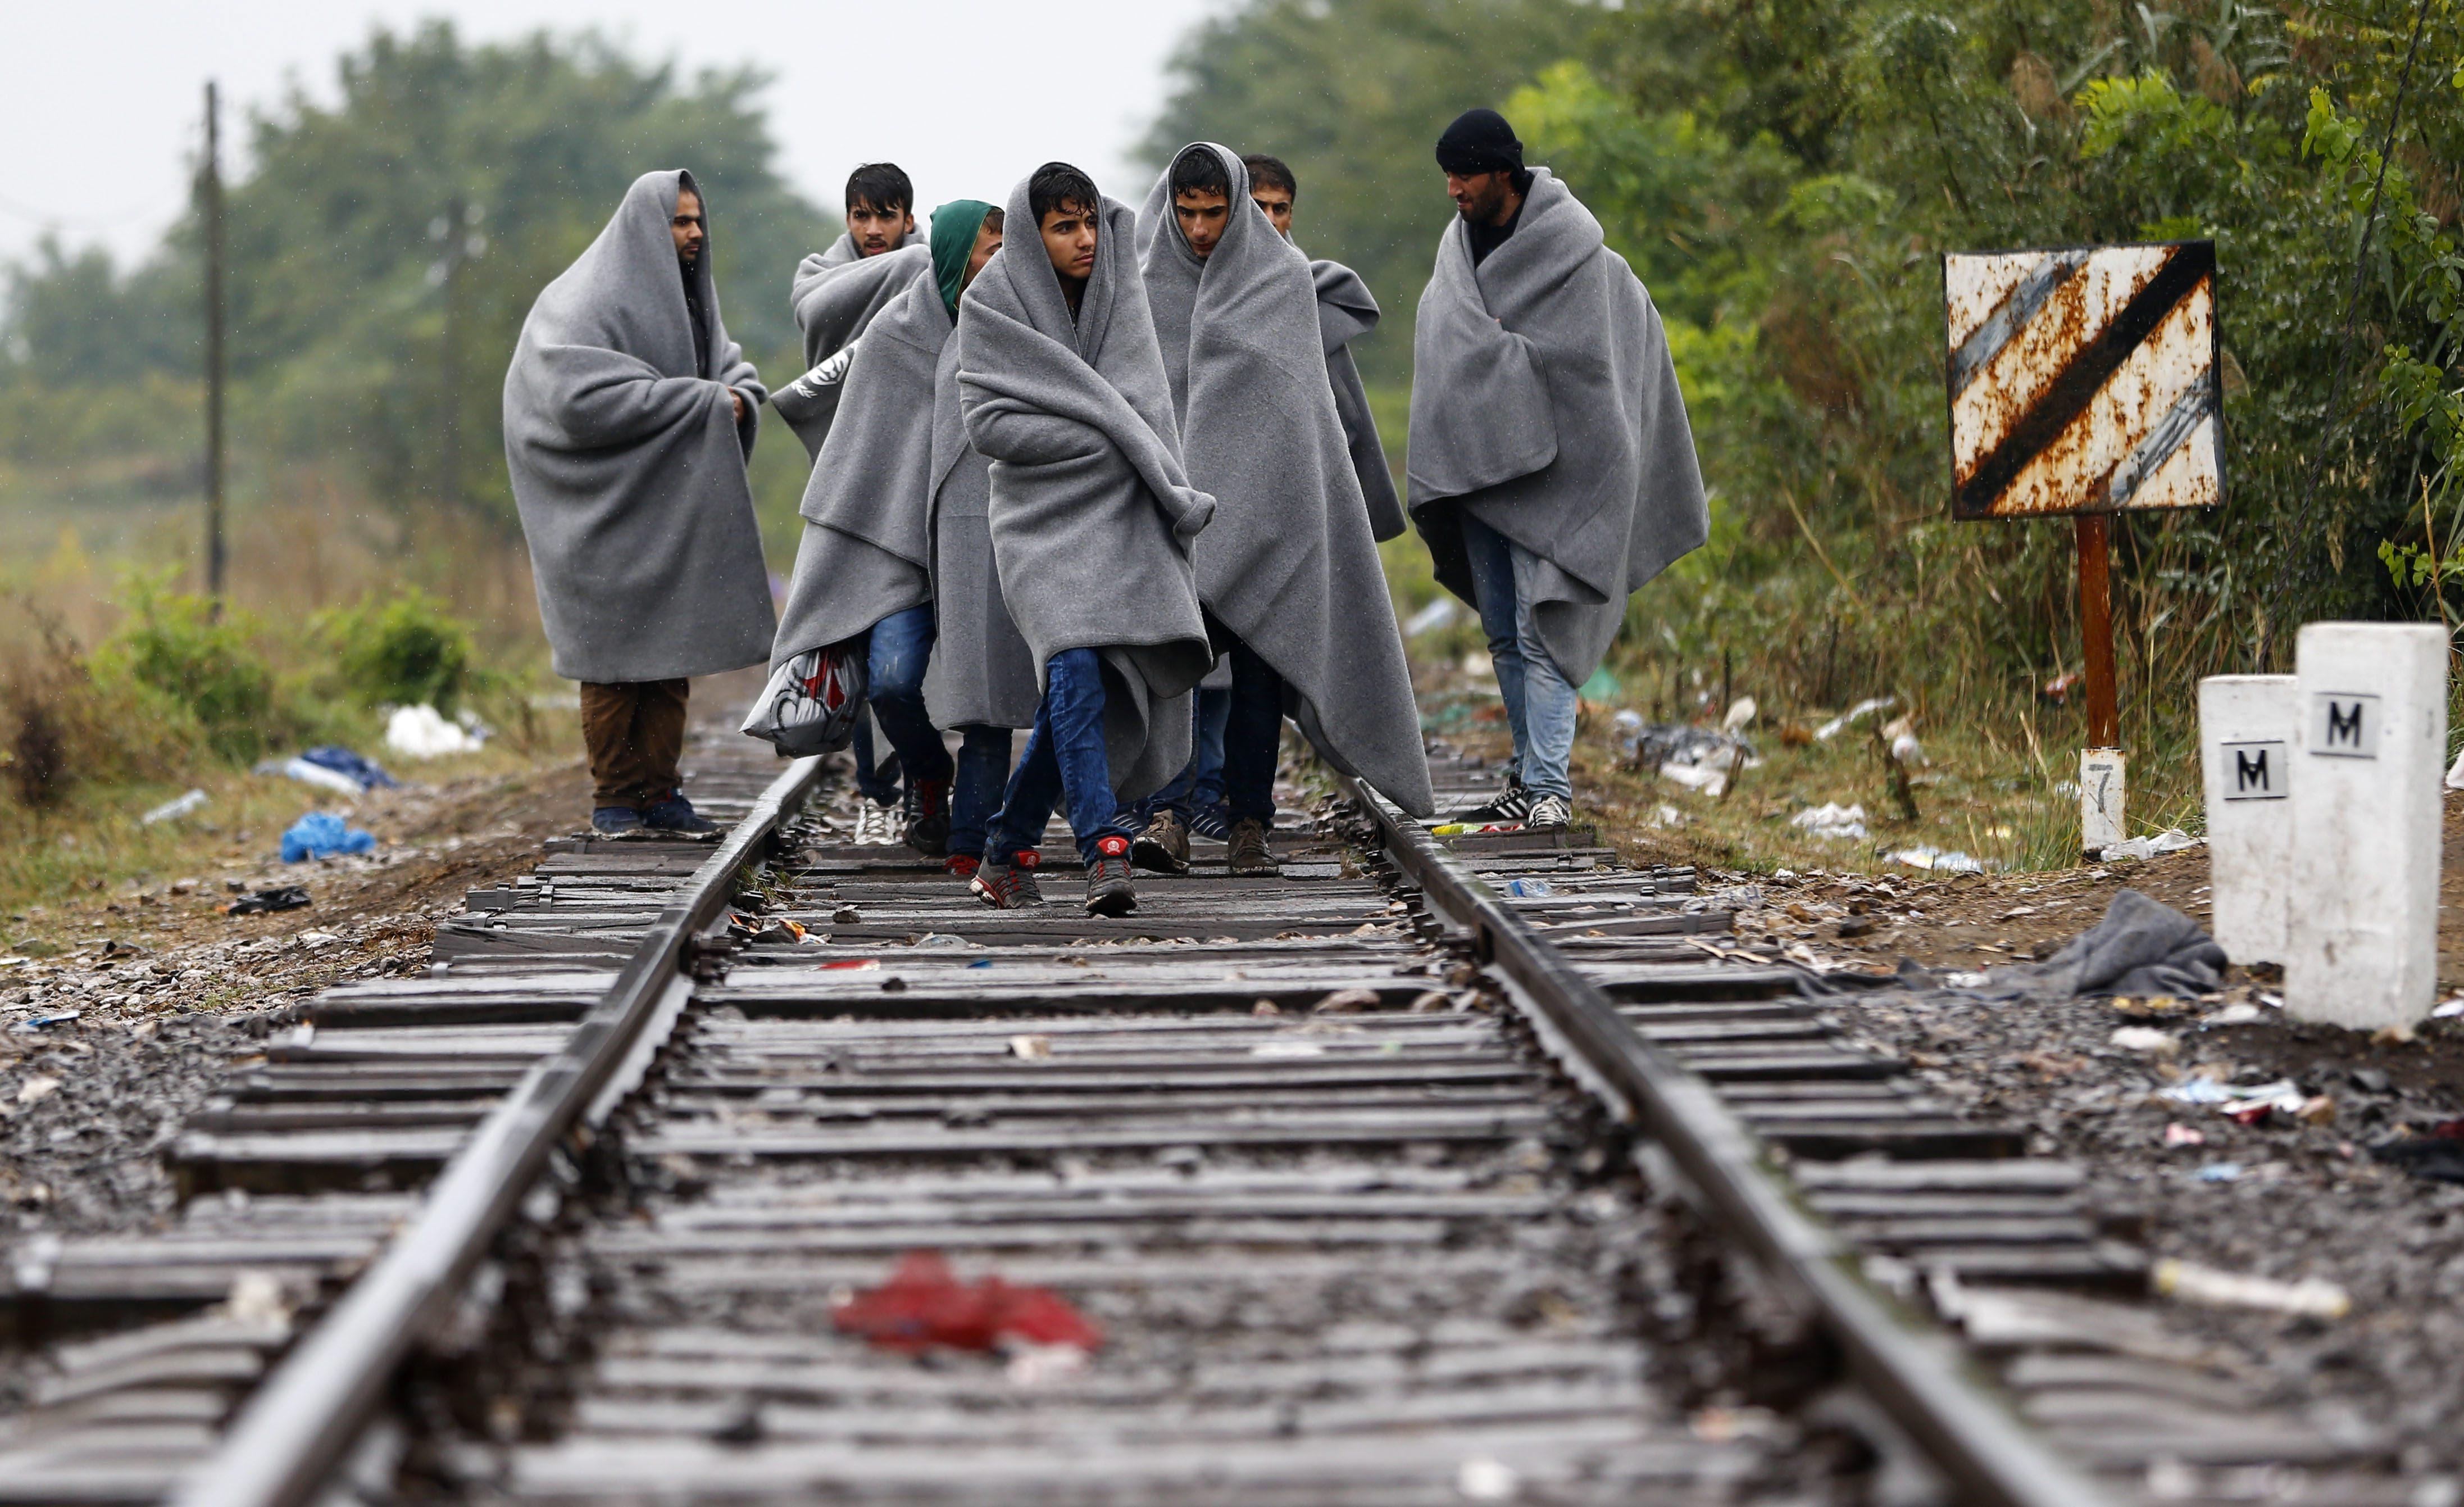 Imigranci w okolicy miejscowości Roszke w południowych Węgrzech (AP Photo/Matthias Schrader)